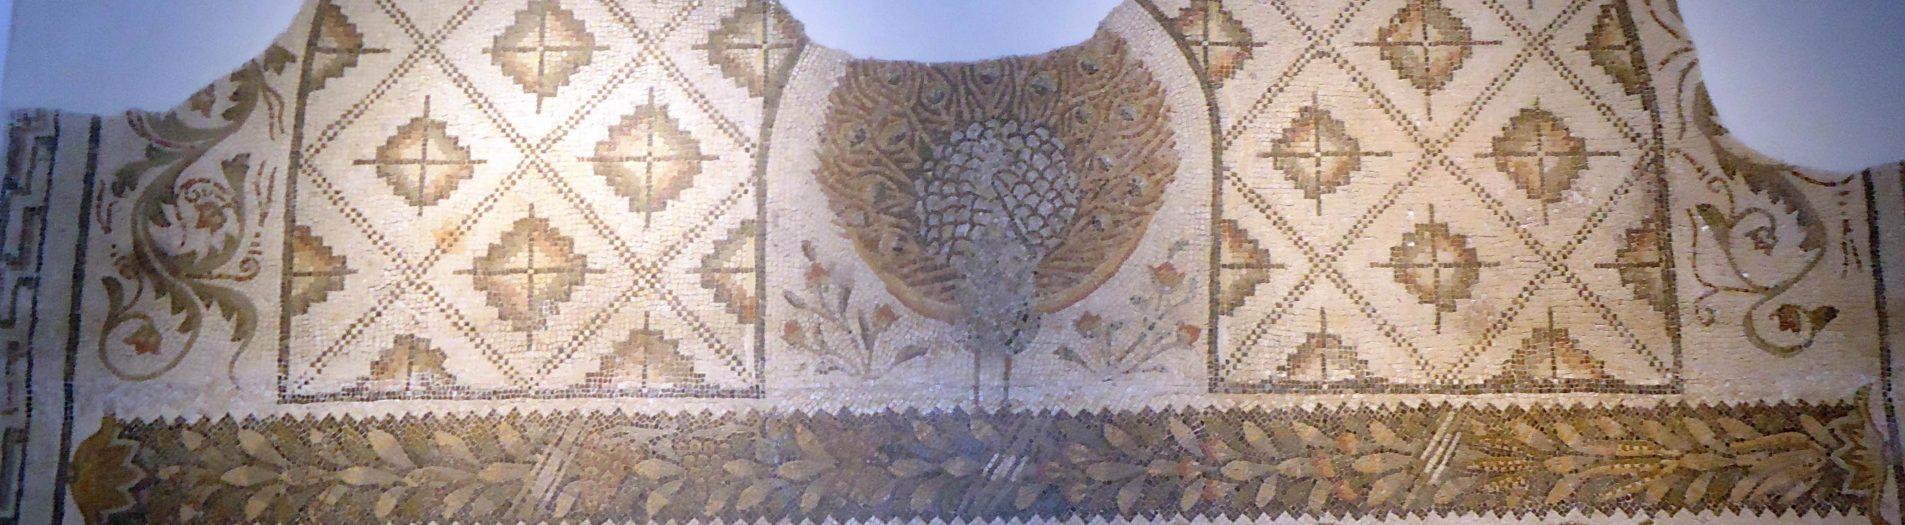 La mosaïque du paon et des chevaux de Carthage